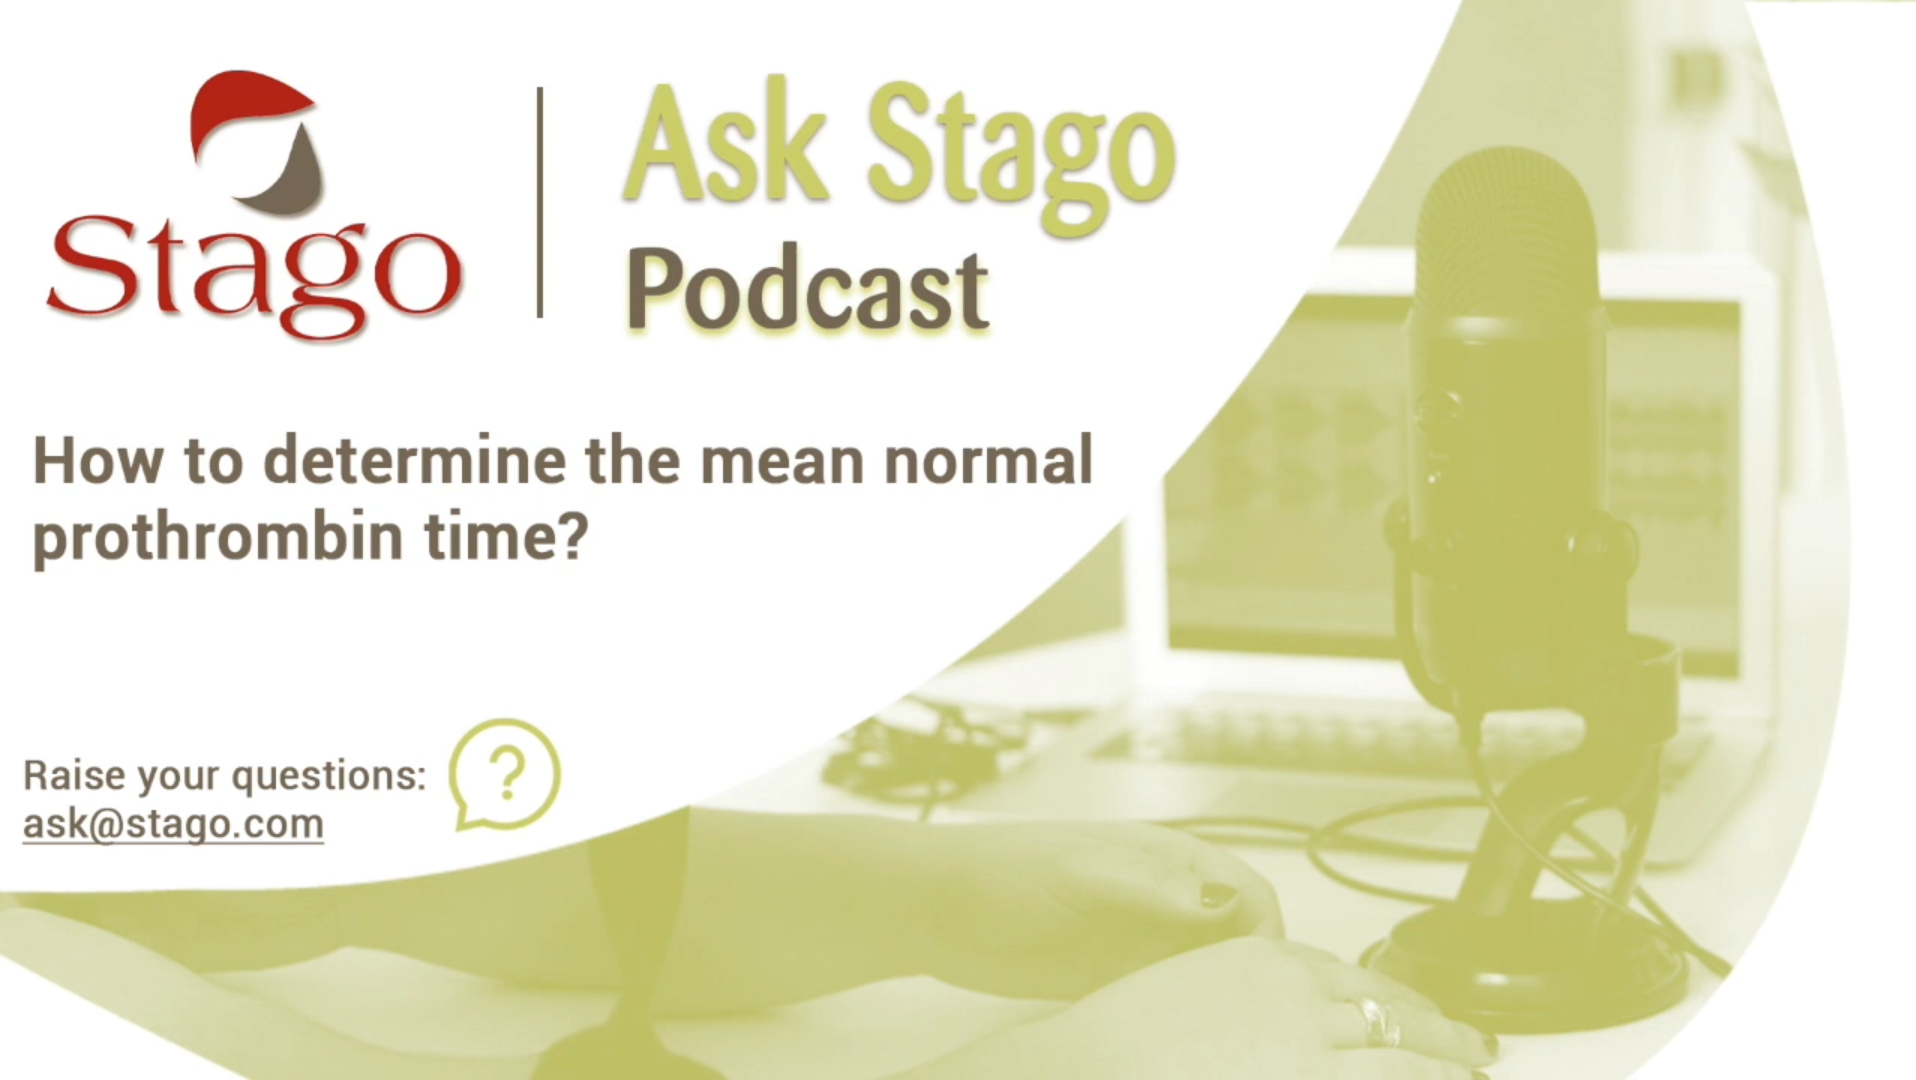 """Рубрика """"Спроси Stago"""" - Как определить среднее нормальное ПВ?"""